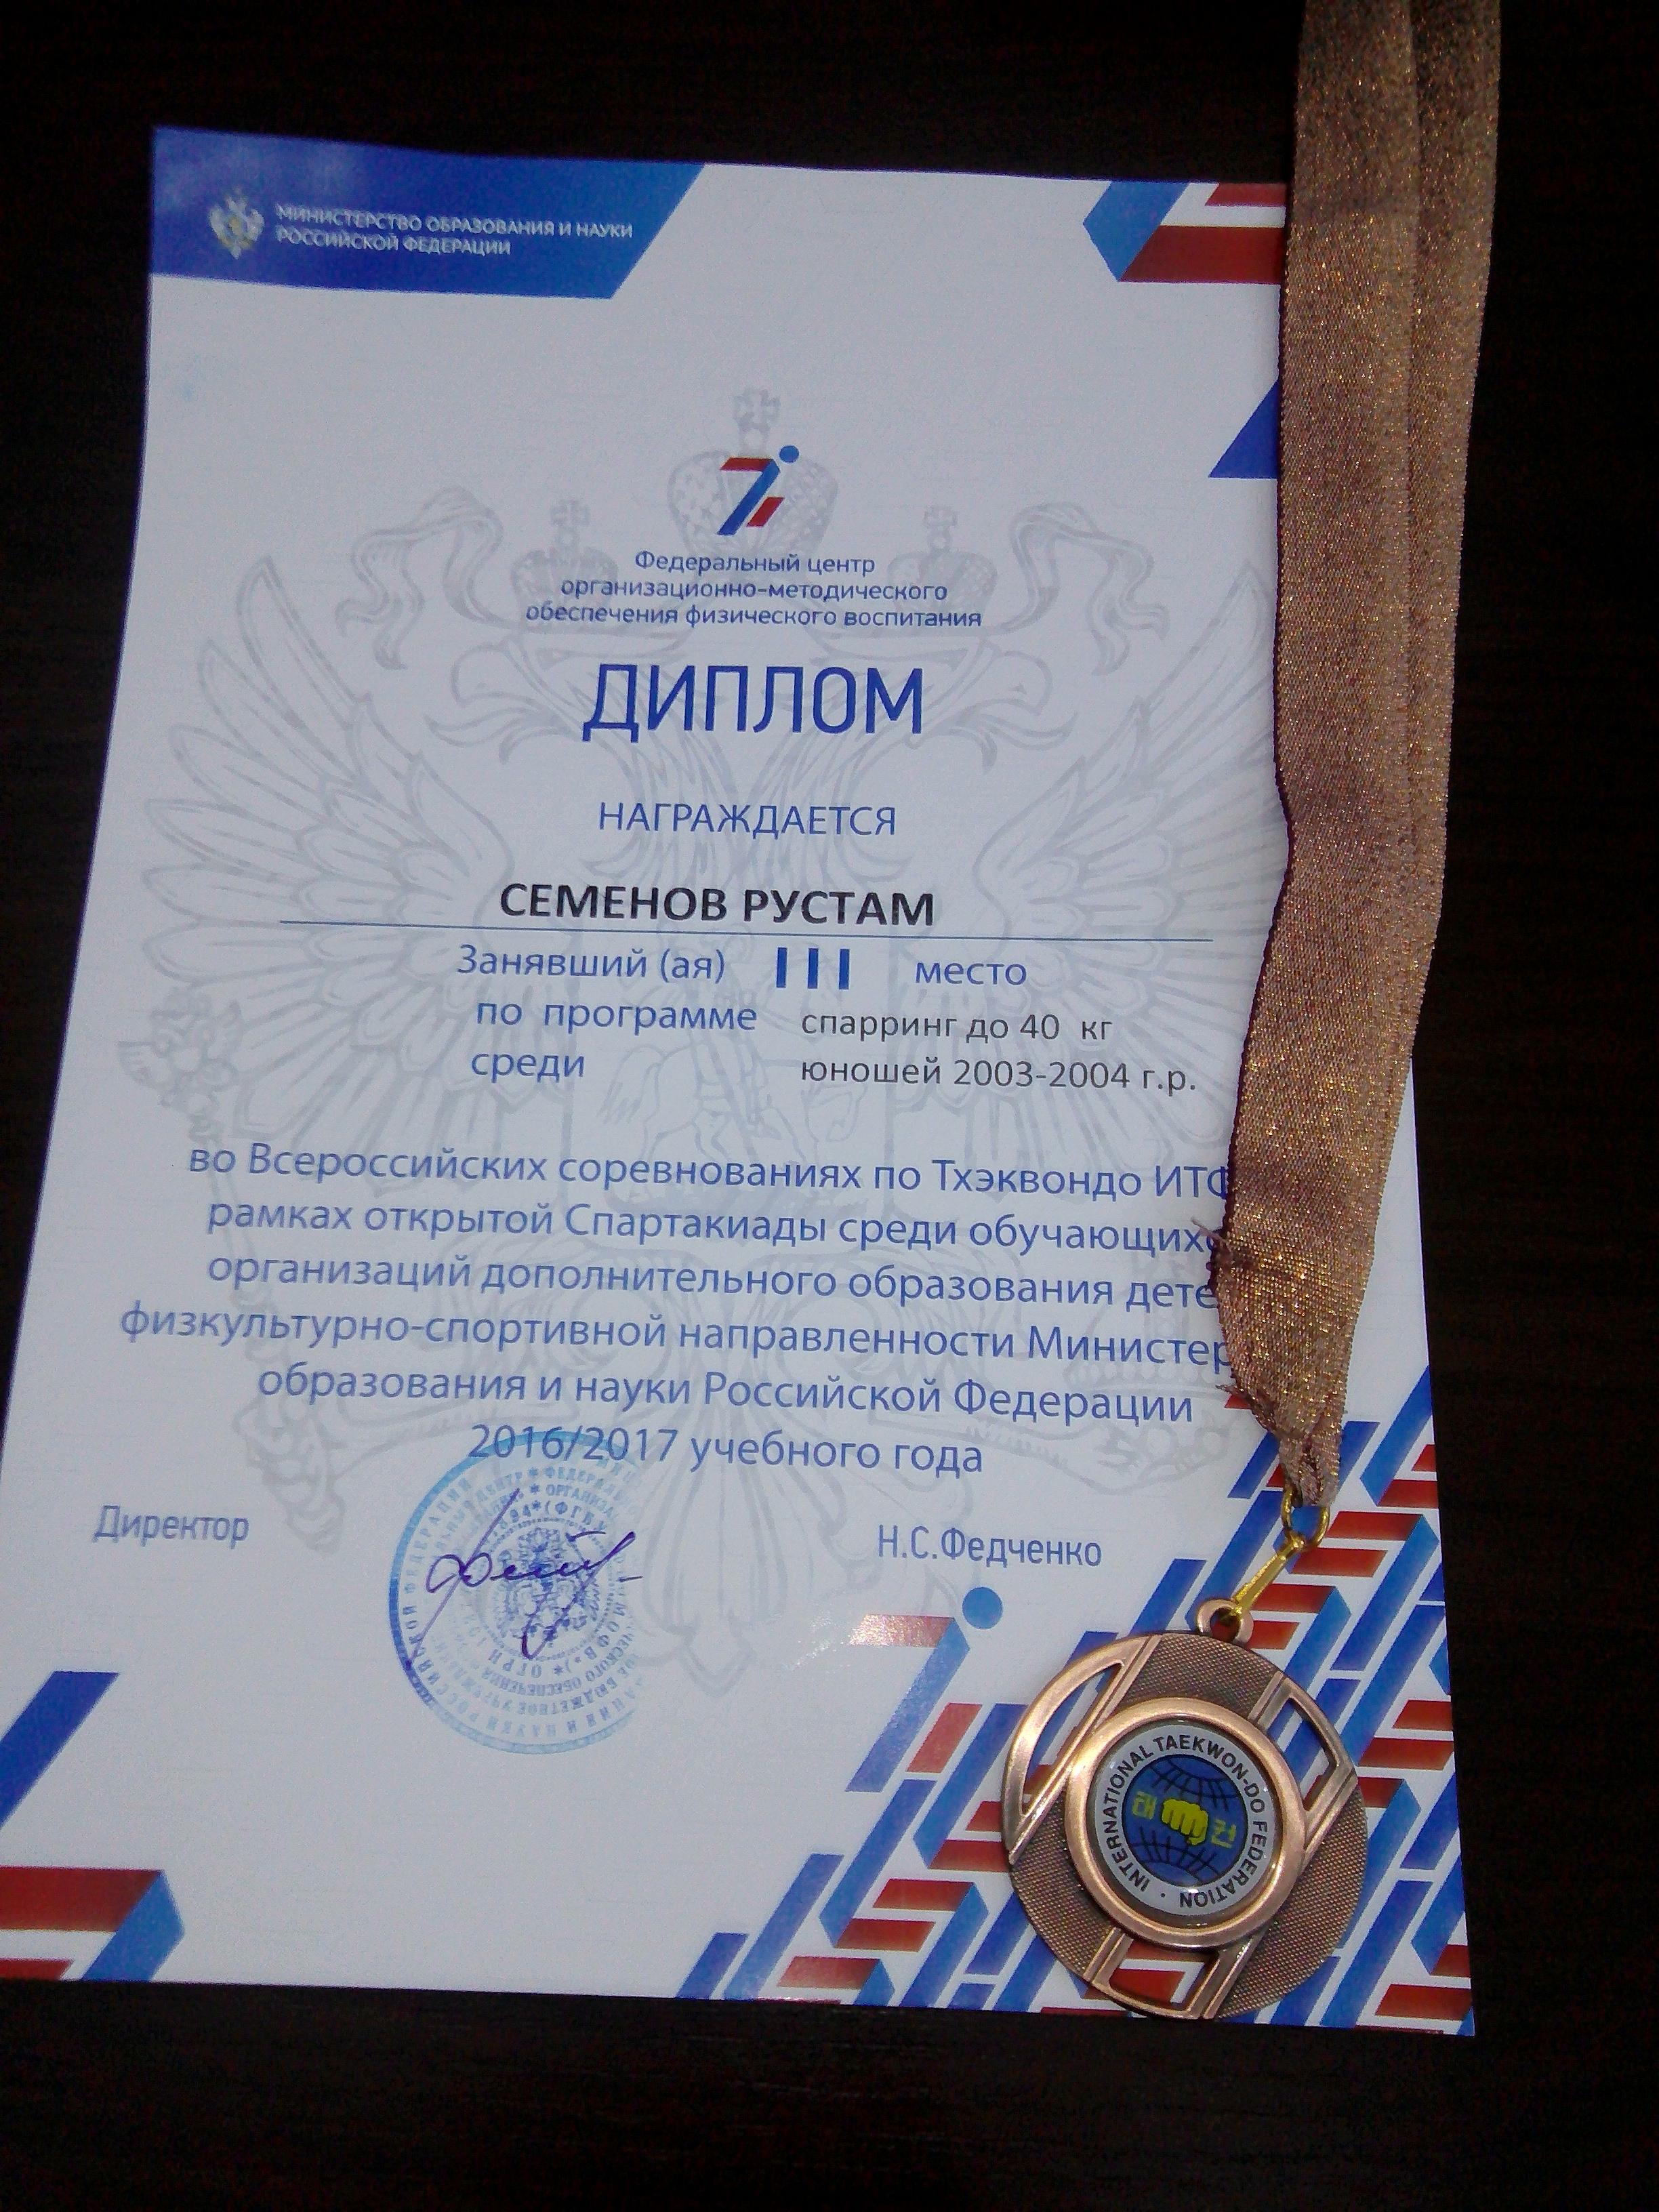 Семёнов Рустам в весовой категории до 40кг среди юношей 2003-2004г.р. завоевал бронзовую награду во Всероссийских соревнованиях по Тхэквондо